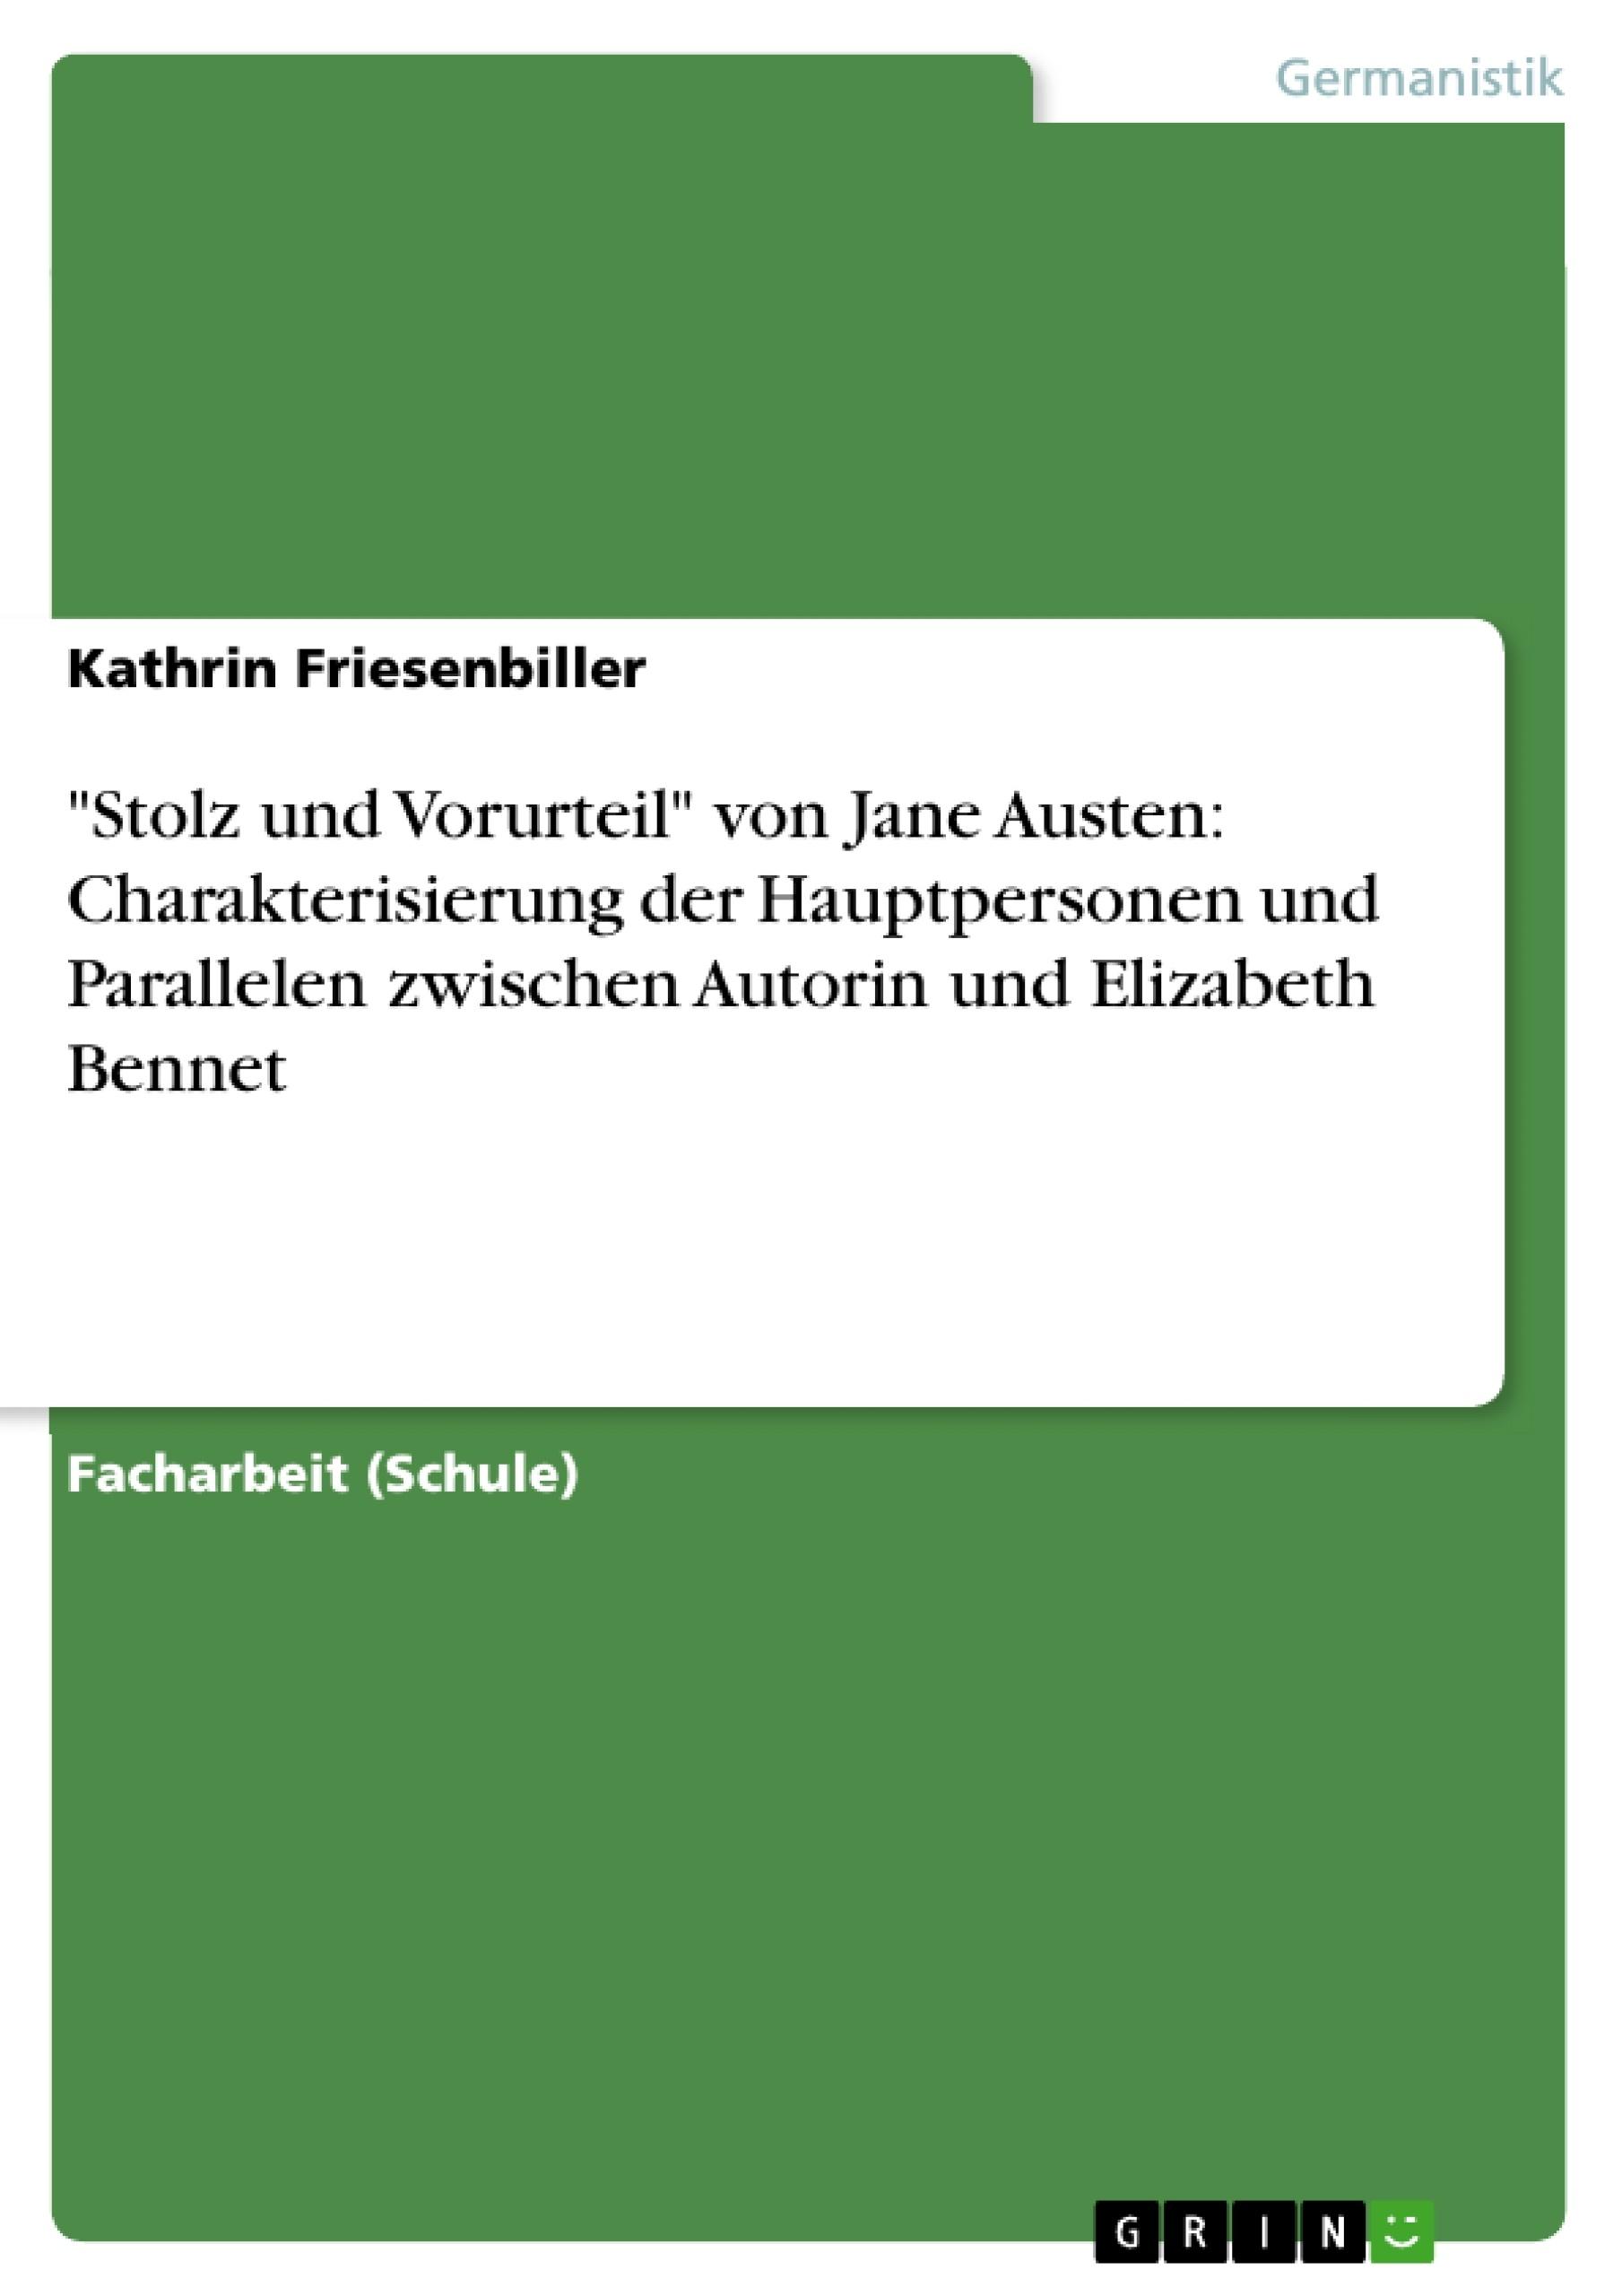 """Titel: """"Stolz und Vorurteil"""" von Jane Austen: Charakterisierung der Hauptpersonen und Parallelen zwischen Autorin und Elizabeth Bennet"""